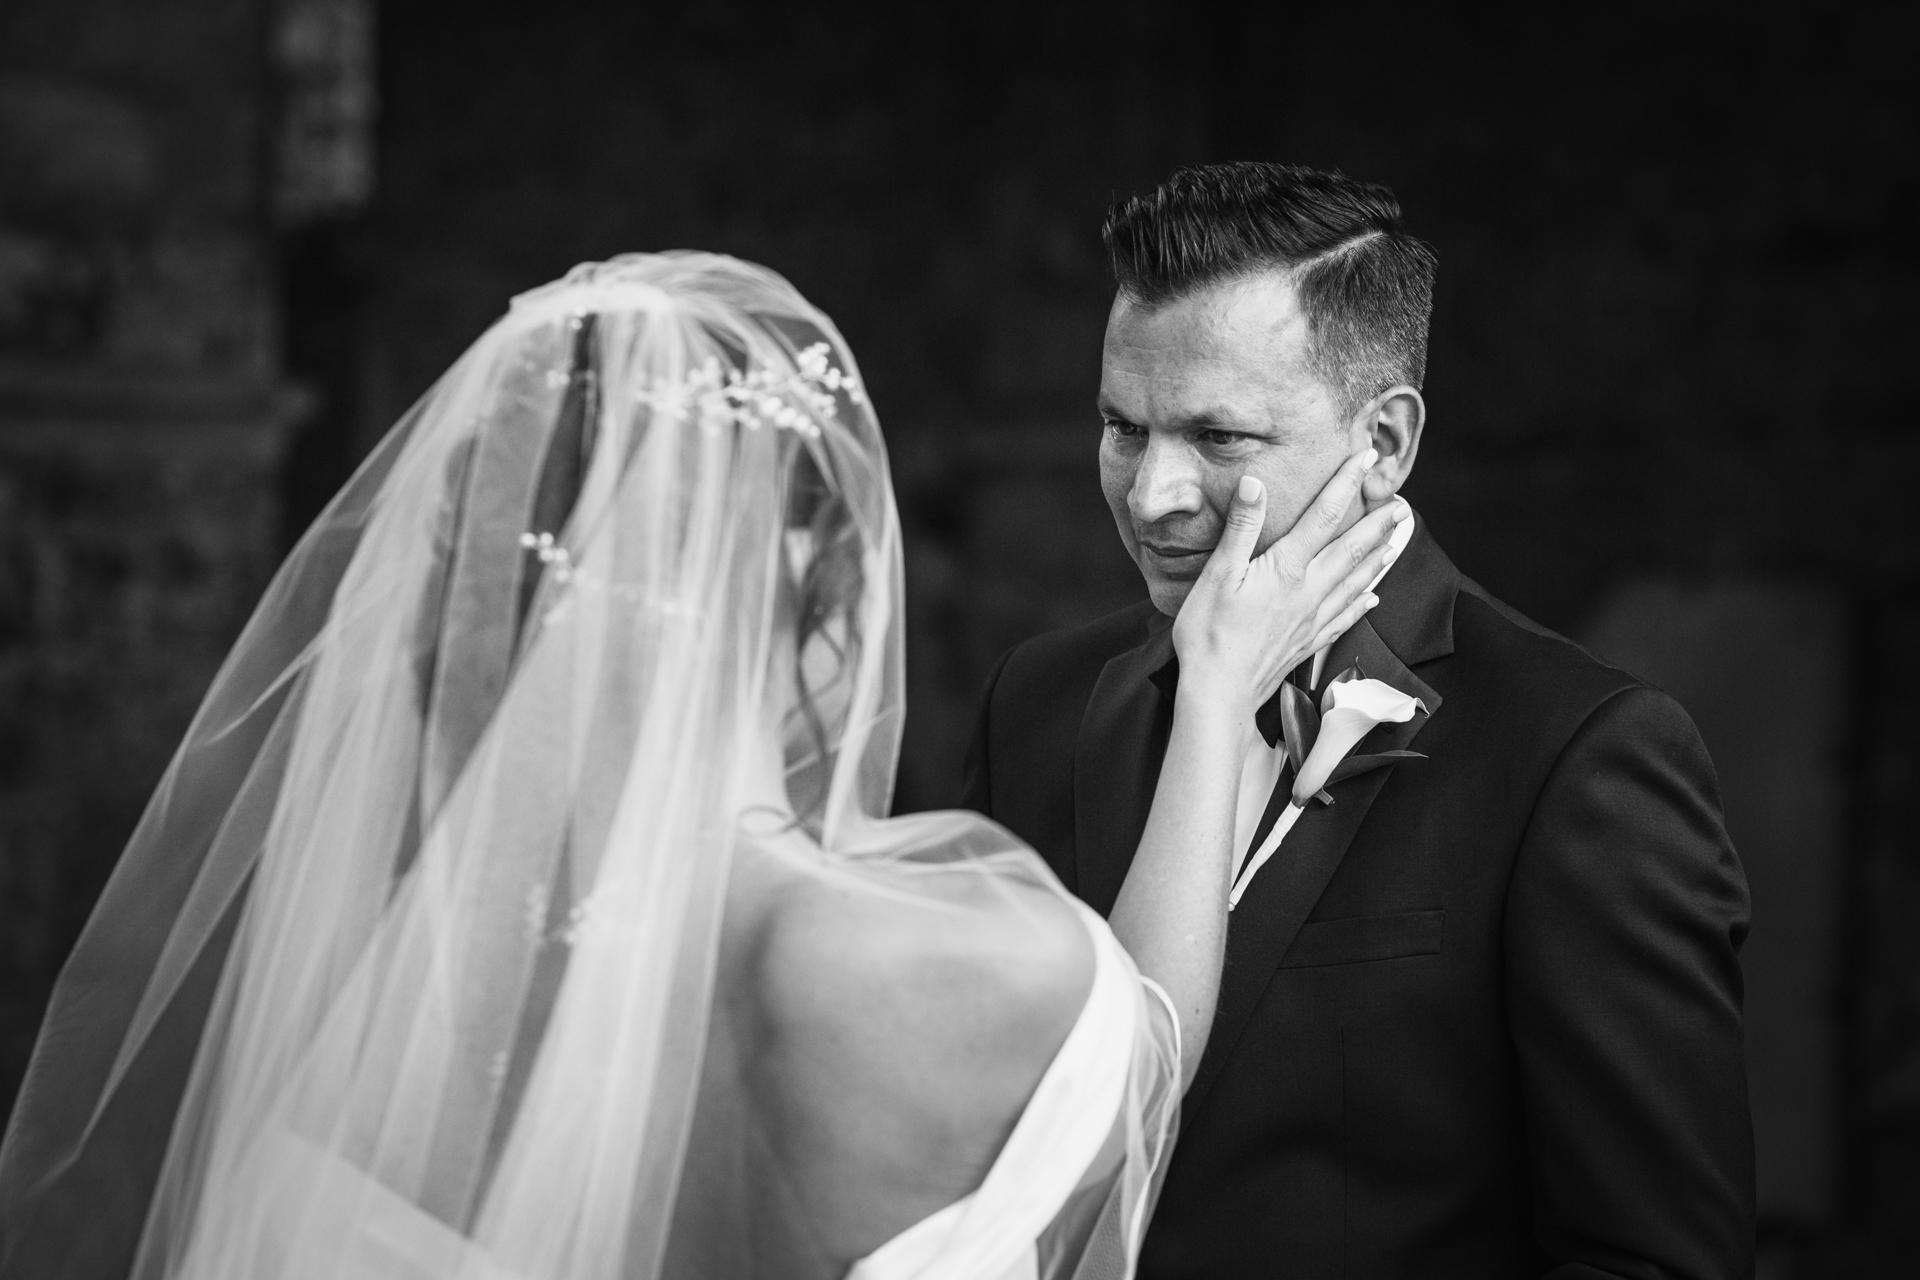 Frankreich Braut und Bräutigam Elopement Image | Die Braut ist da, um sanft eine Träne vom Auge des Bräutigams abzuwischen